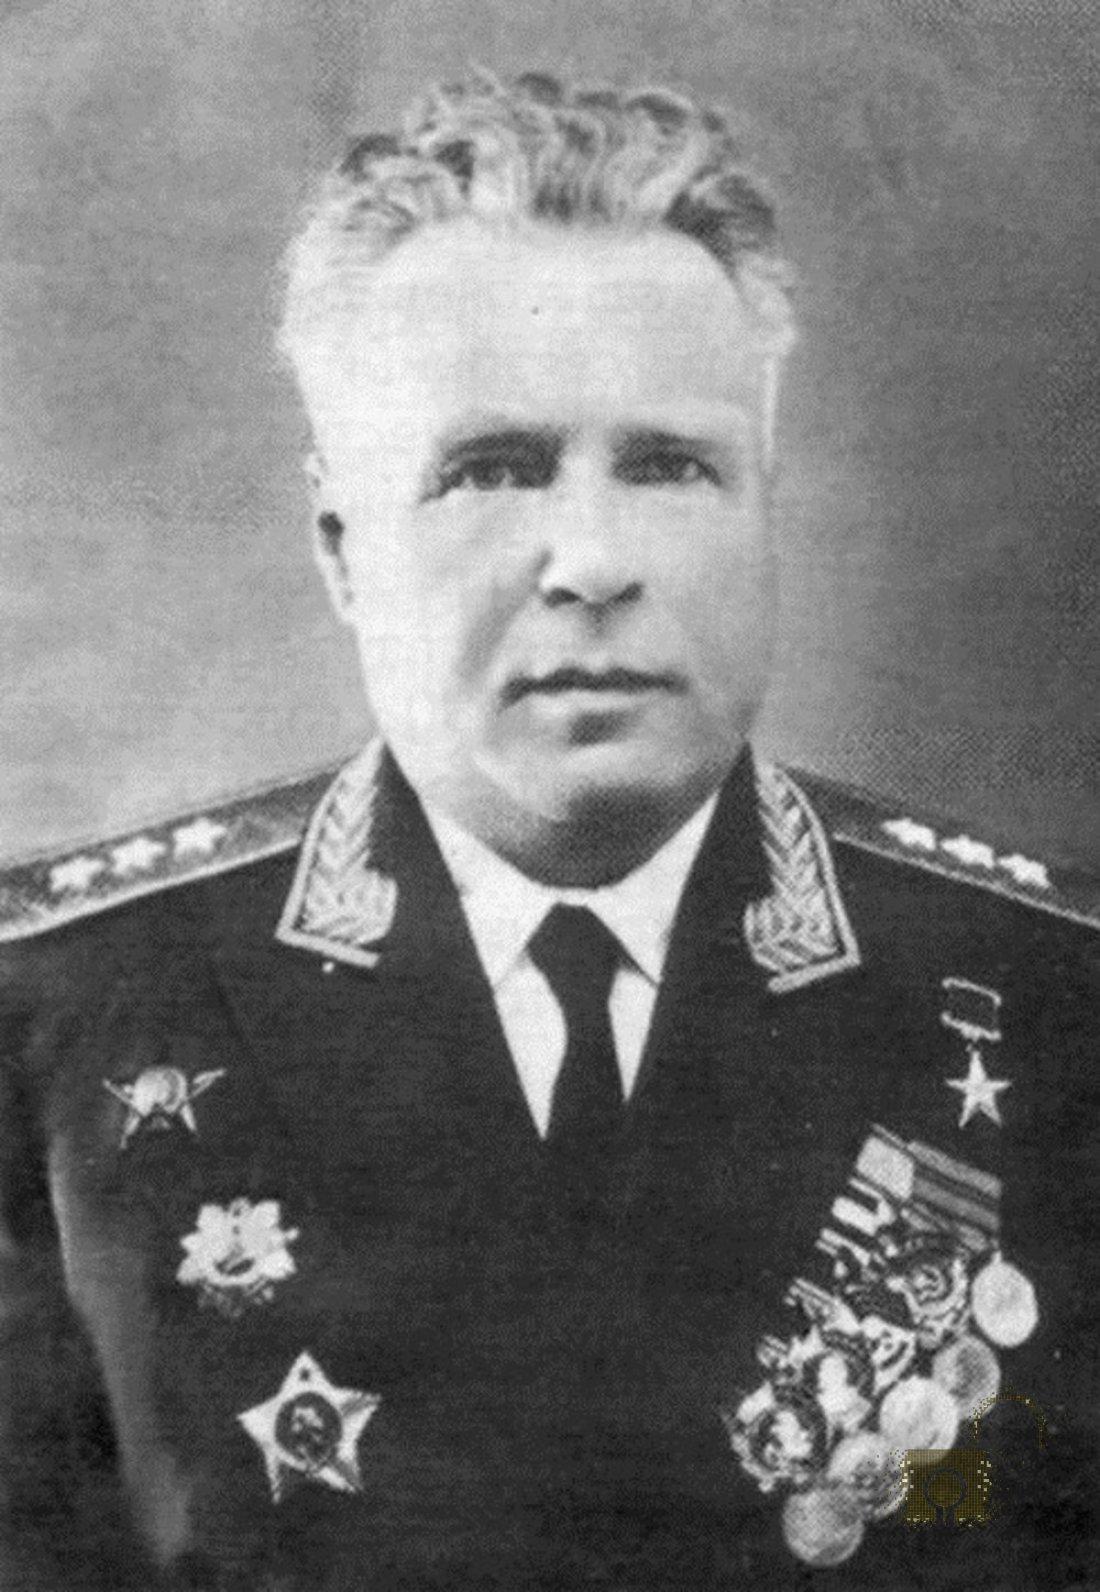 Алексей Шахурин - крылья победы